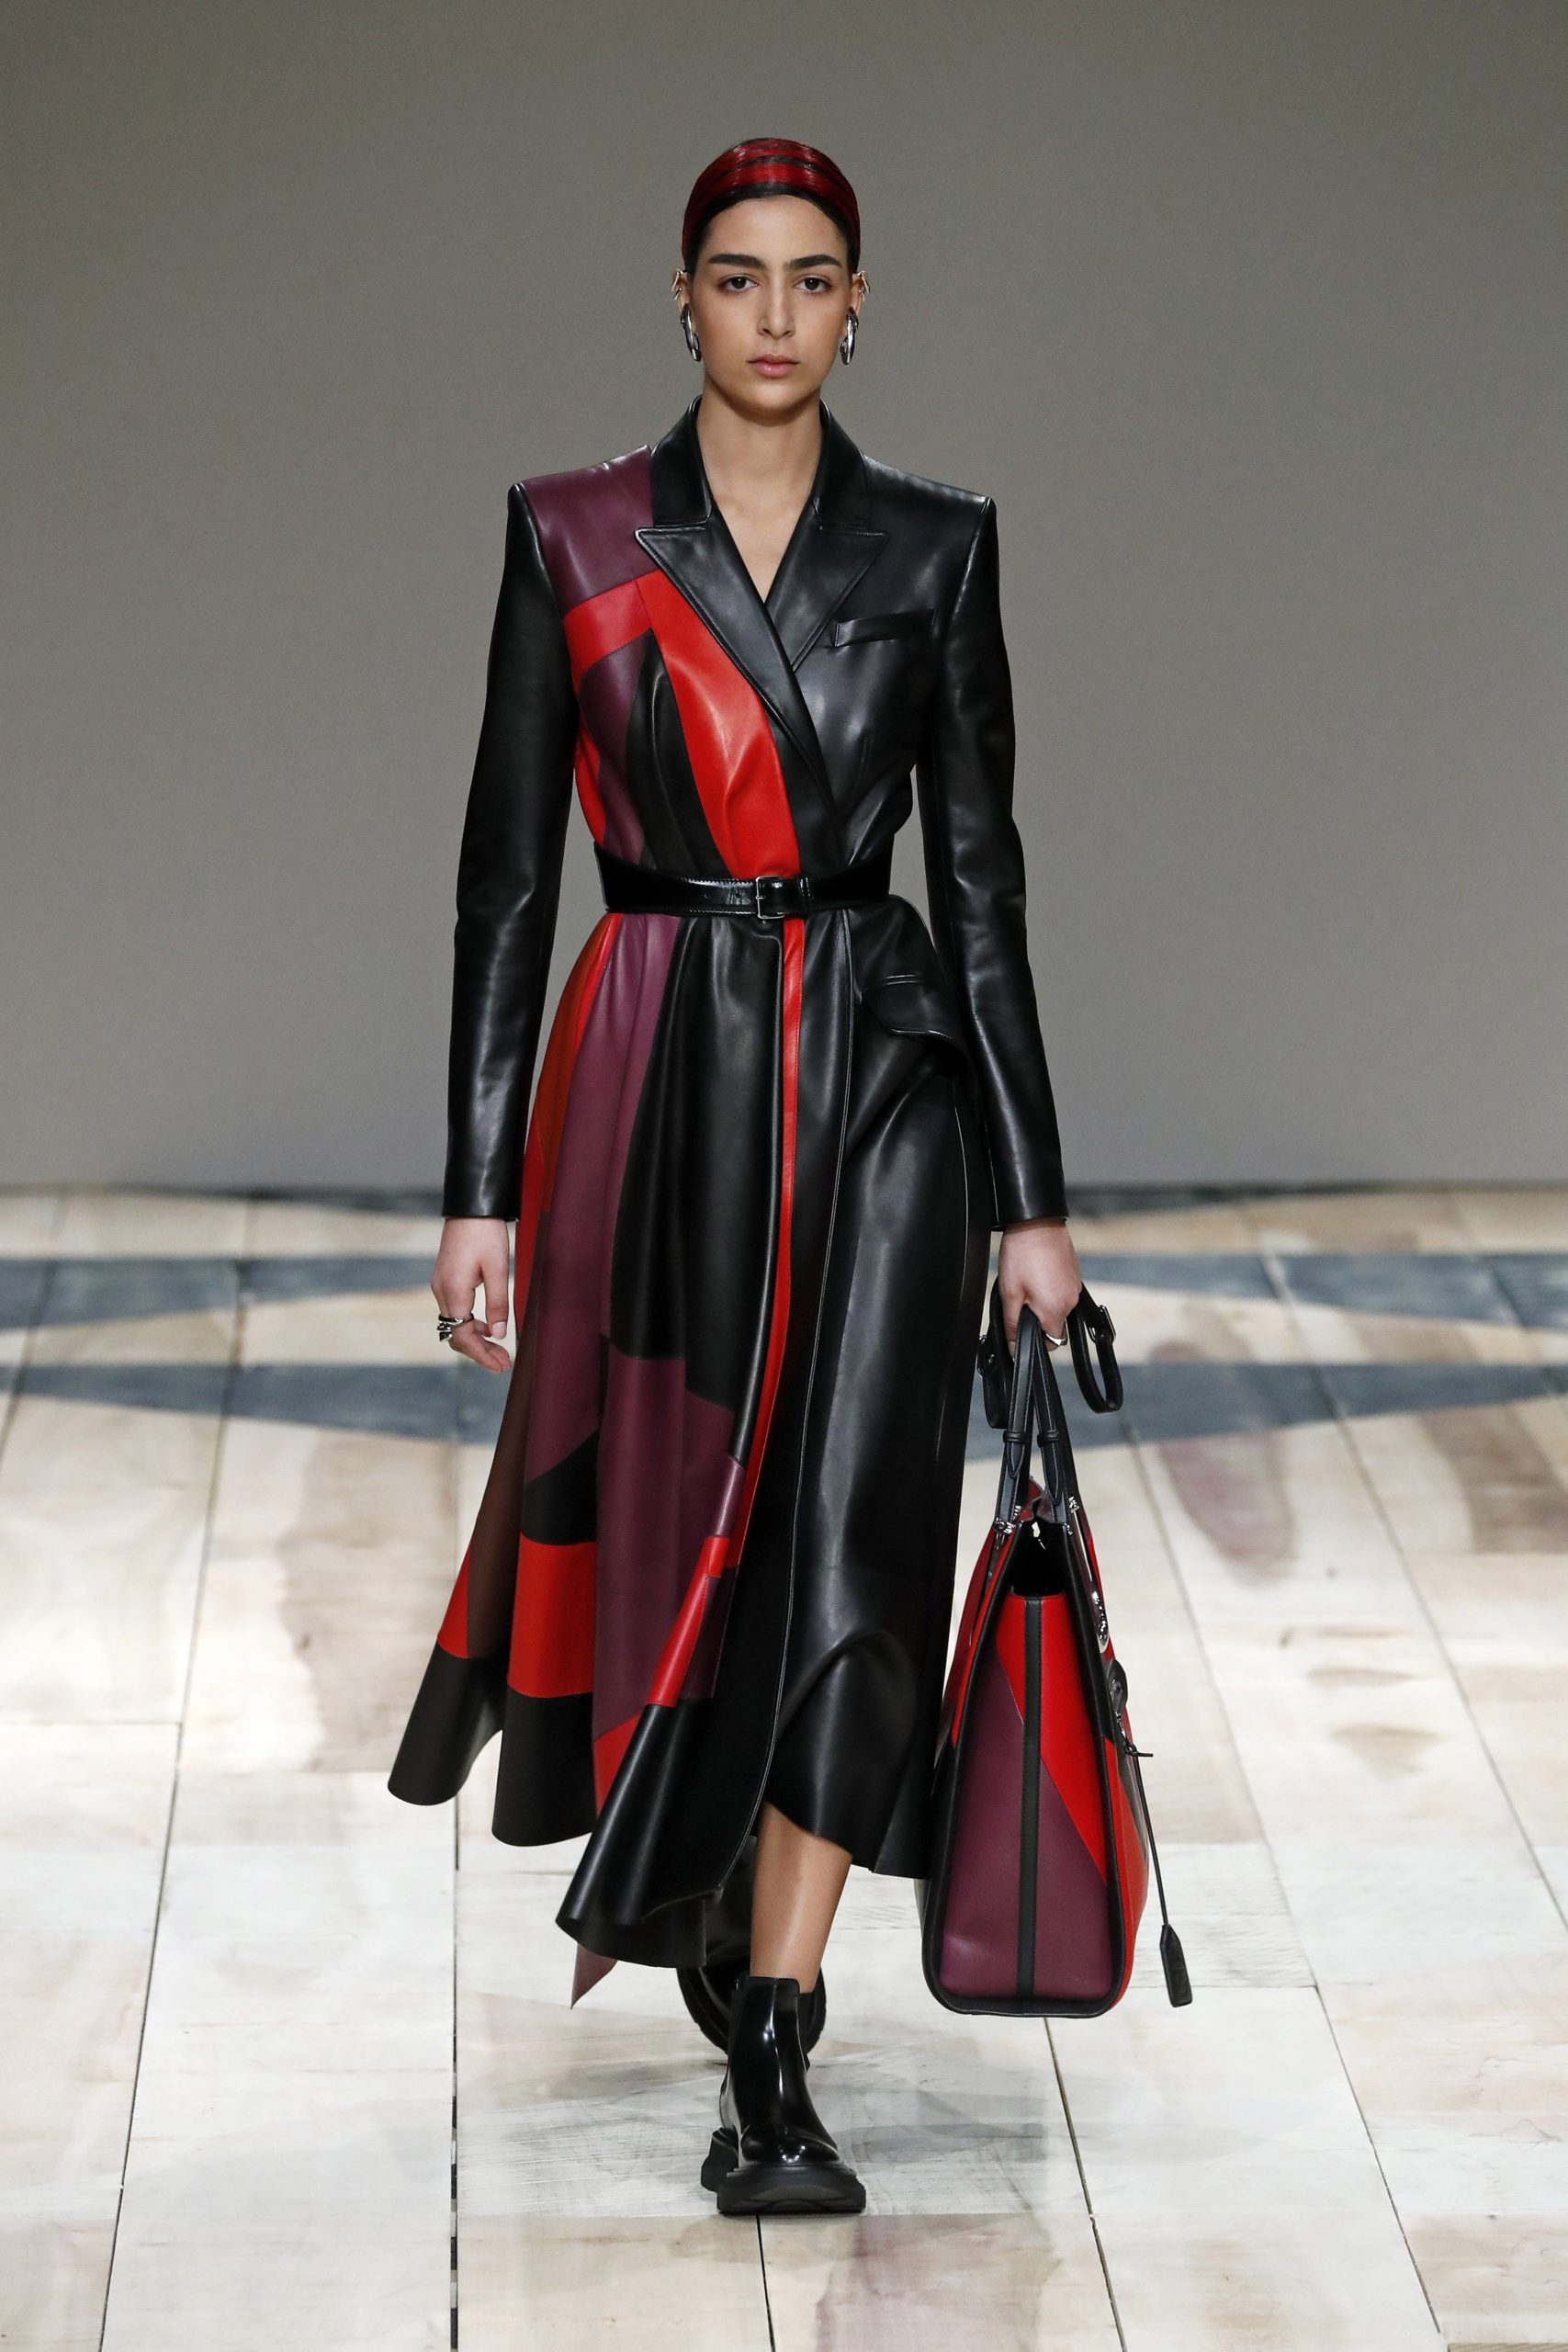 модное пальто осень 2020 кожаное черное с красным длинное под пояс